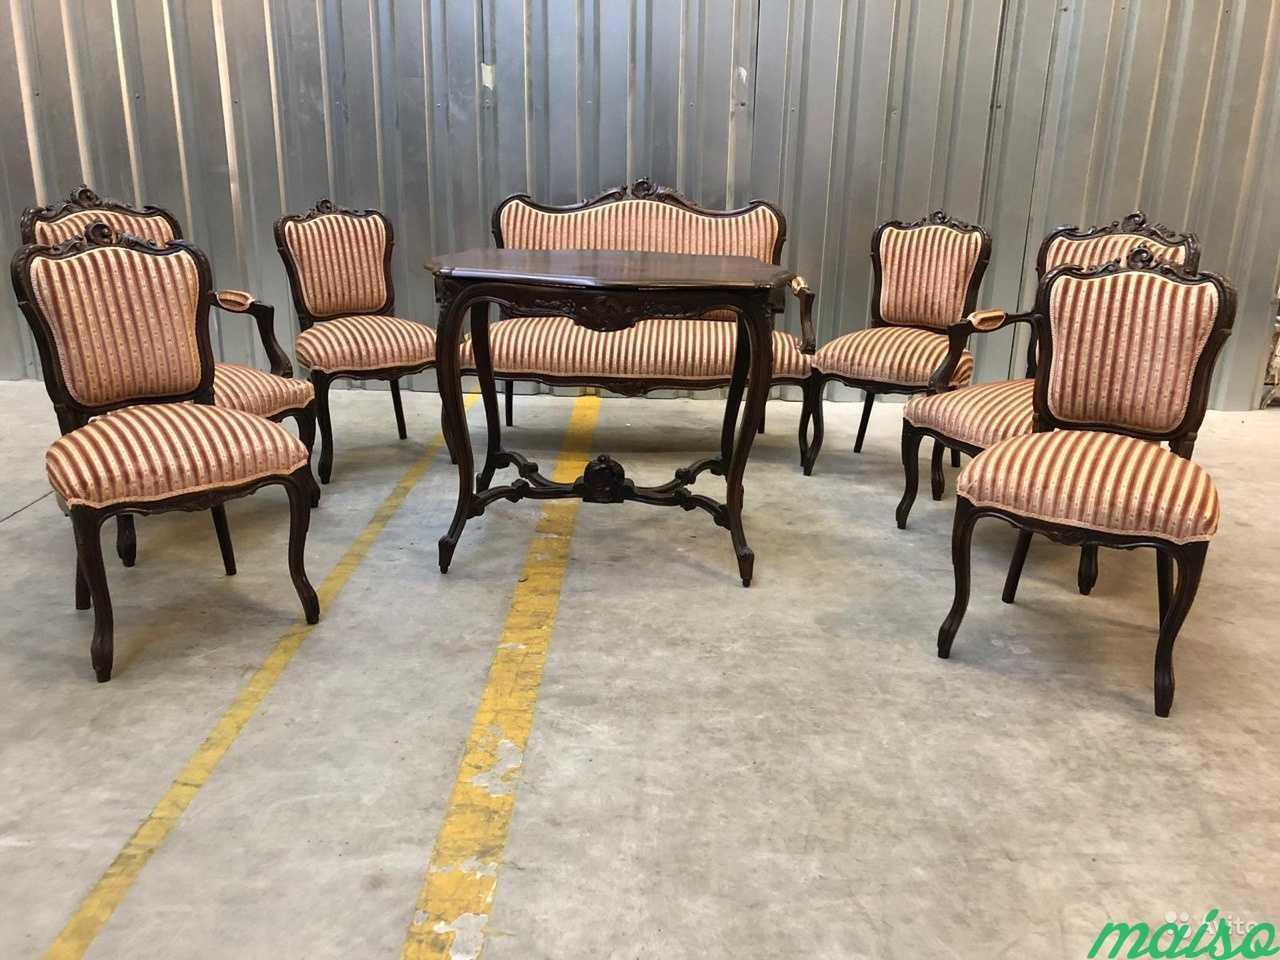 Комплект мебели.Кресло.стол.диван.Антиквариат.Евро в Москве. Фото 1